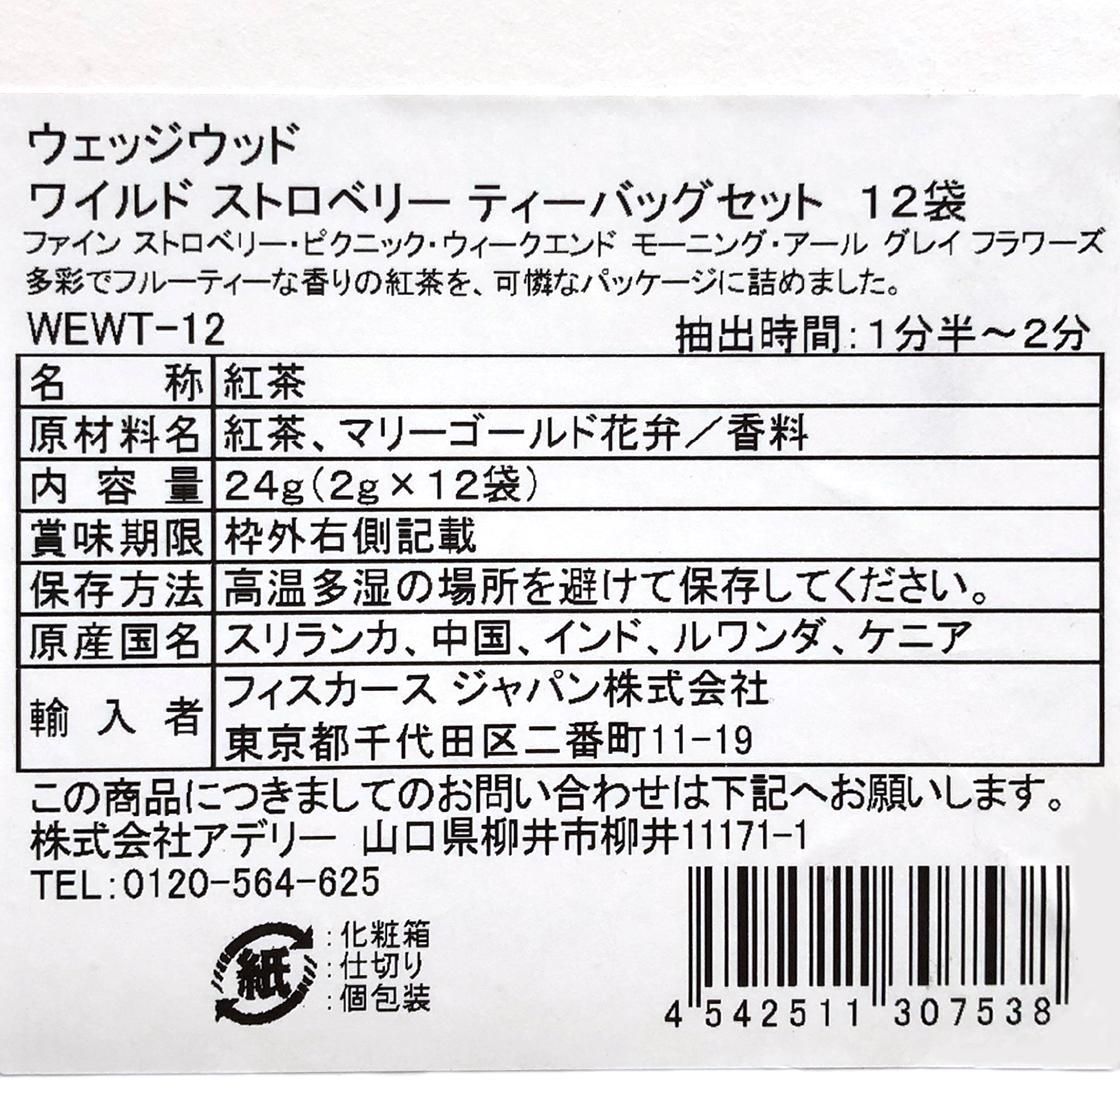 ワイルドストロベリー ティーバッグセット 12袋[ウェッジウッド] 10